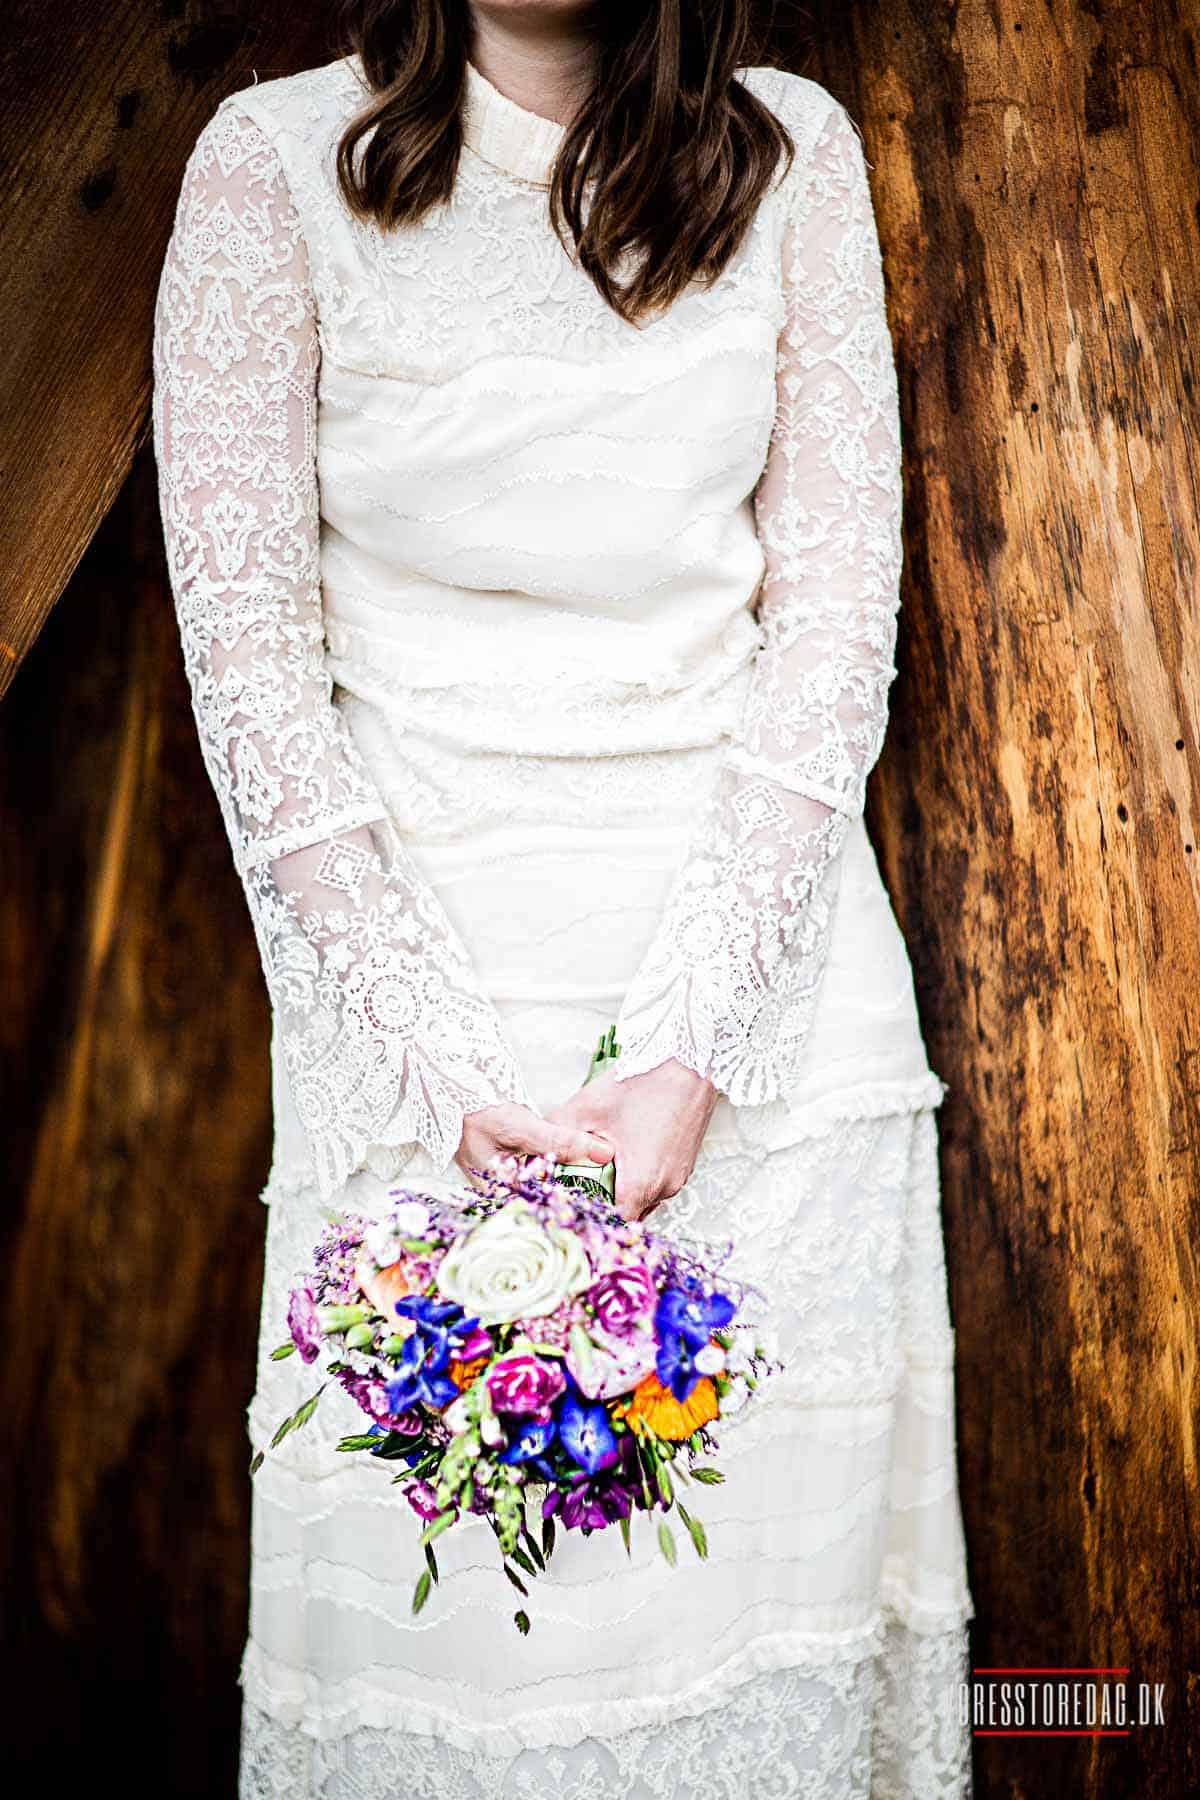 Bryllupstraditioner - Se den fulde oversigt over alle bryllupstradtioner